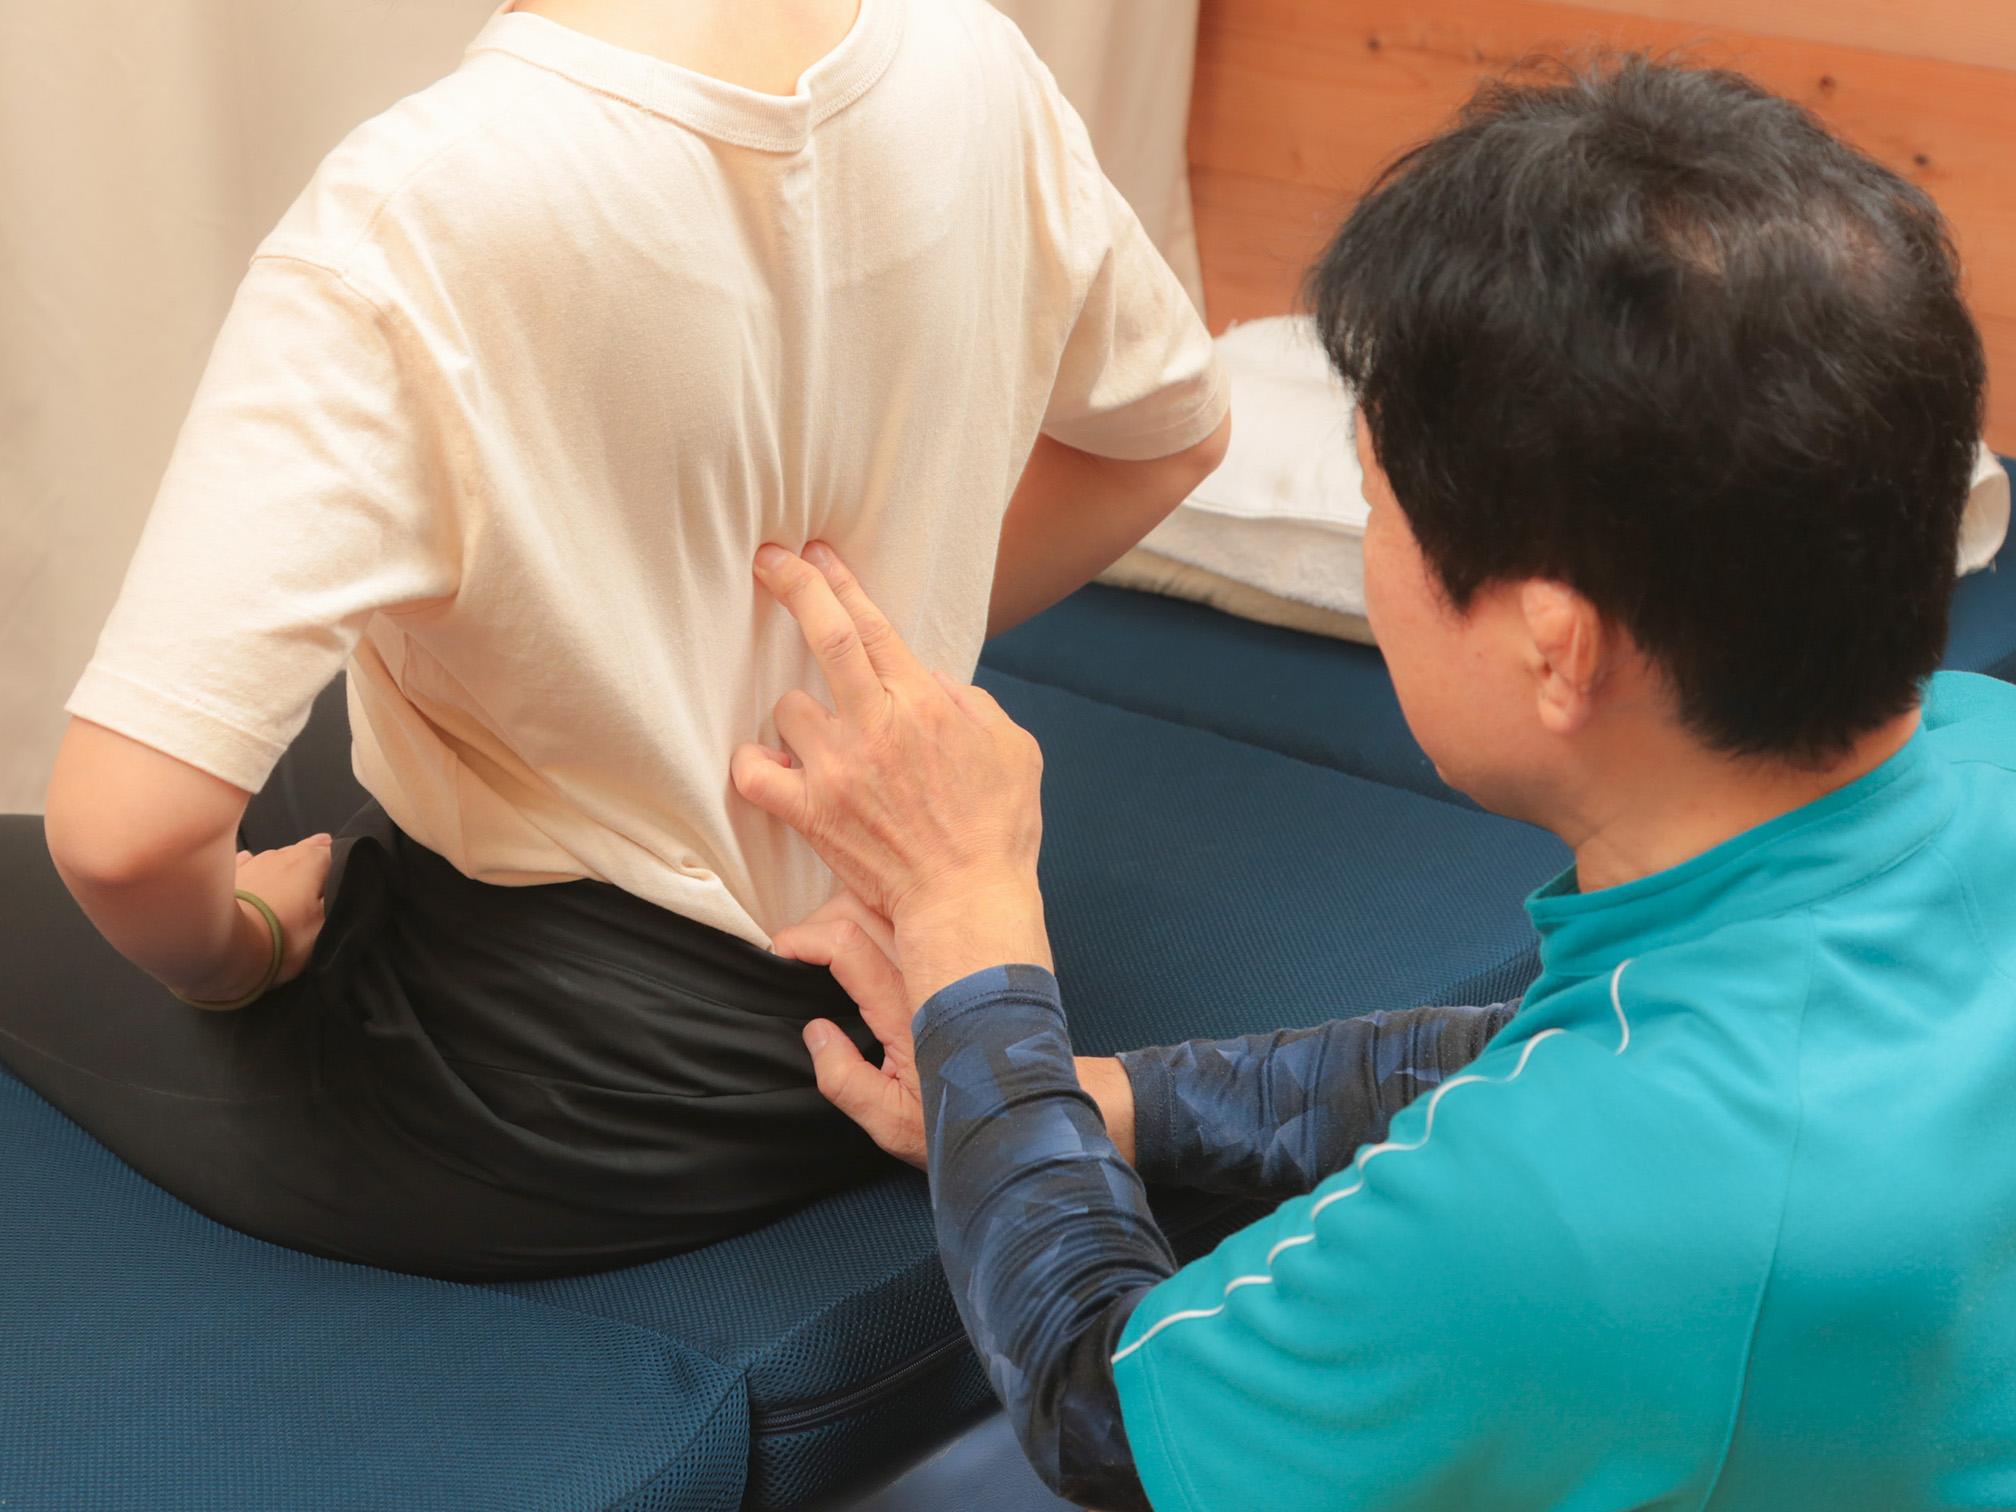 施術後の症状と背骨の位置を再度確認します